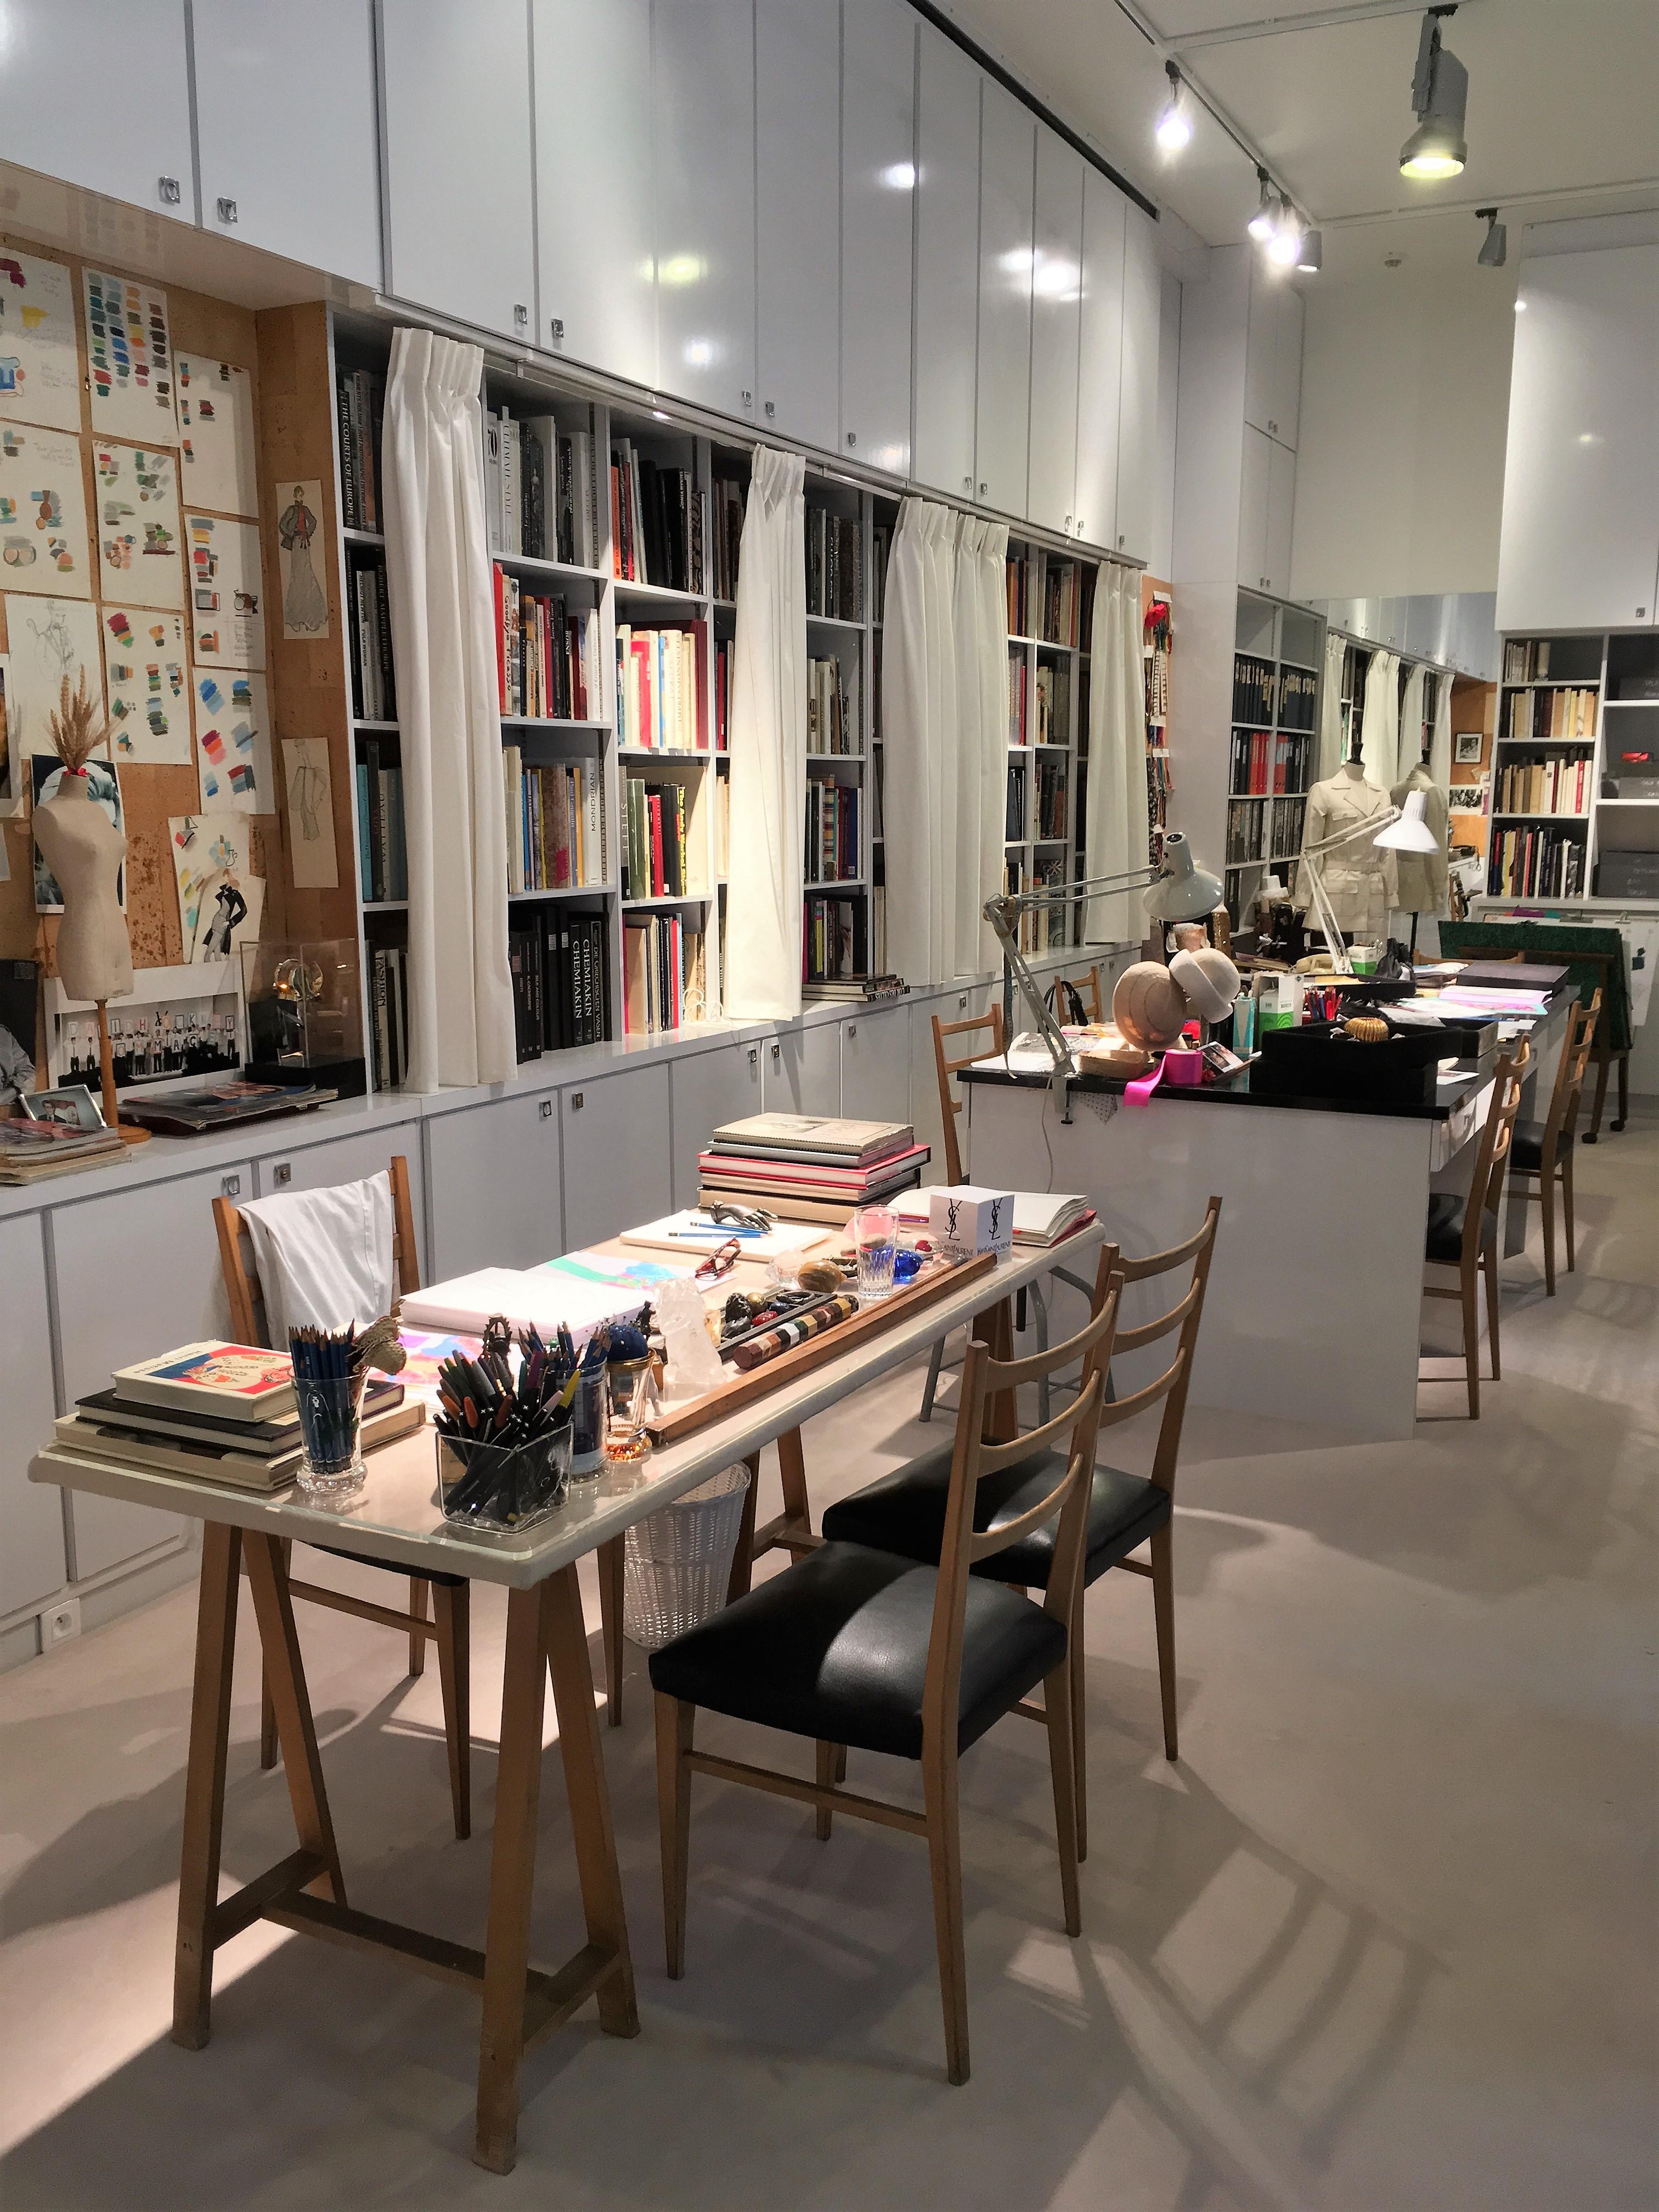 fichier mus e yves saint laurent paris atelier d 39 ysl by wikip dia. Black Bedroom Furniture Sets. Home Design Ideas